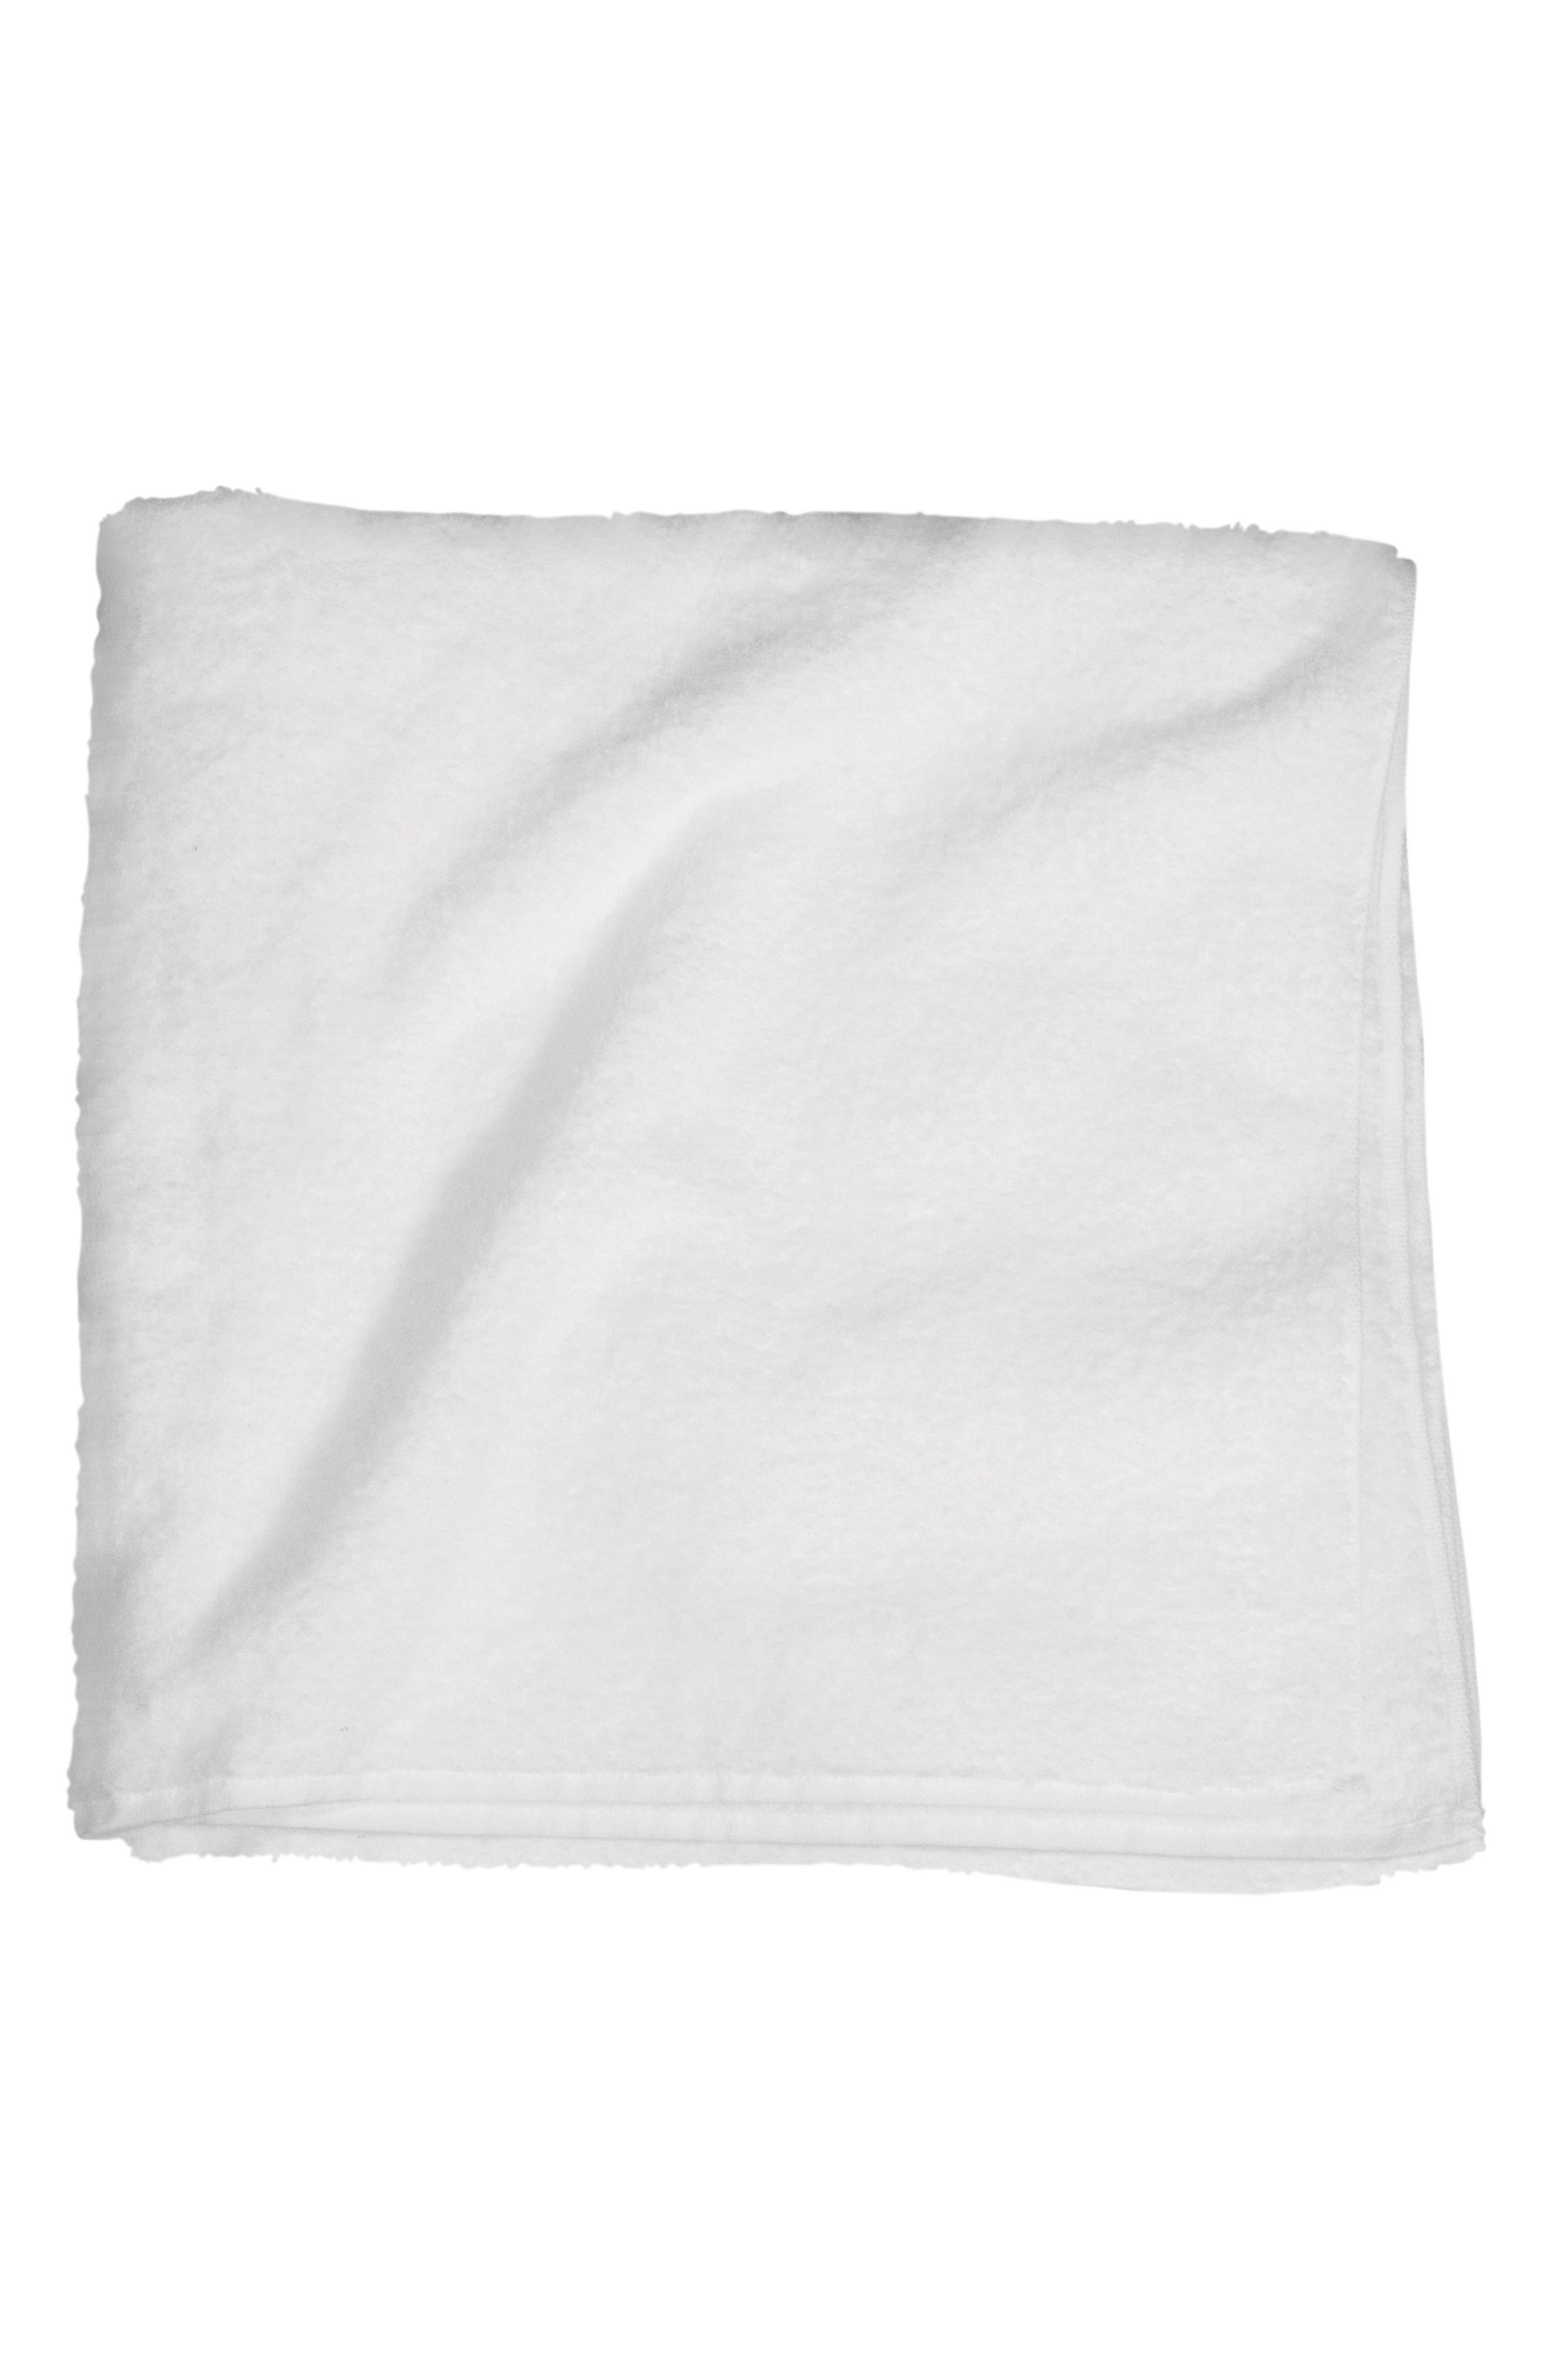 Zero Twist Bath Towel,                         Main,                         color, WHITE